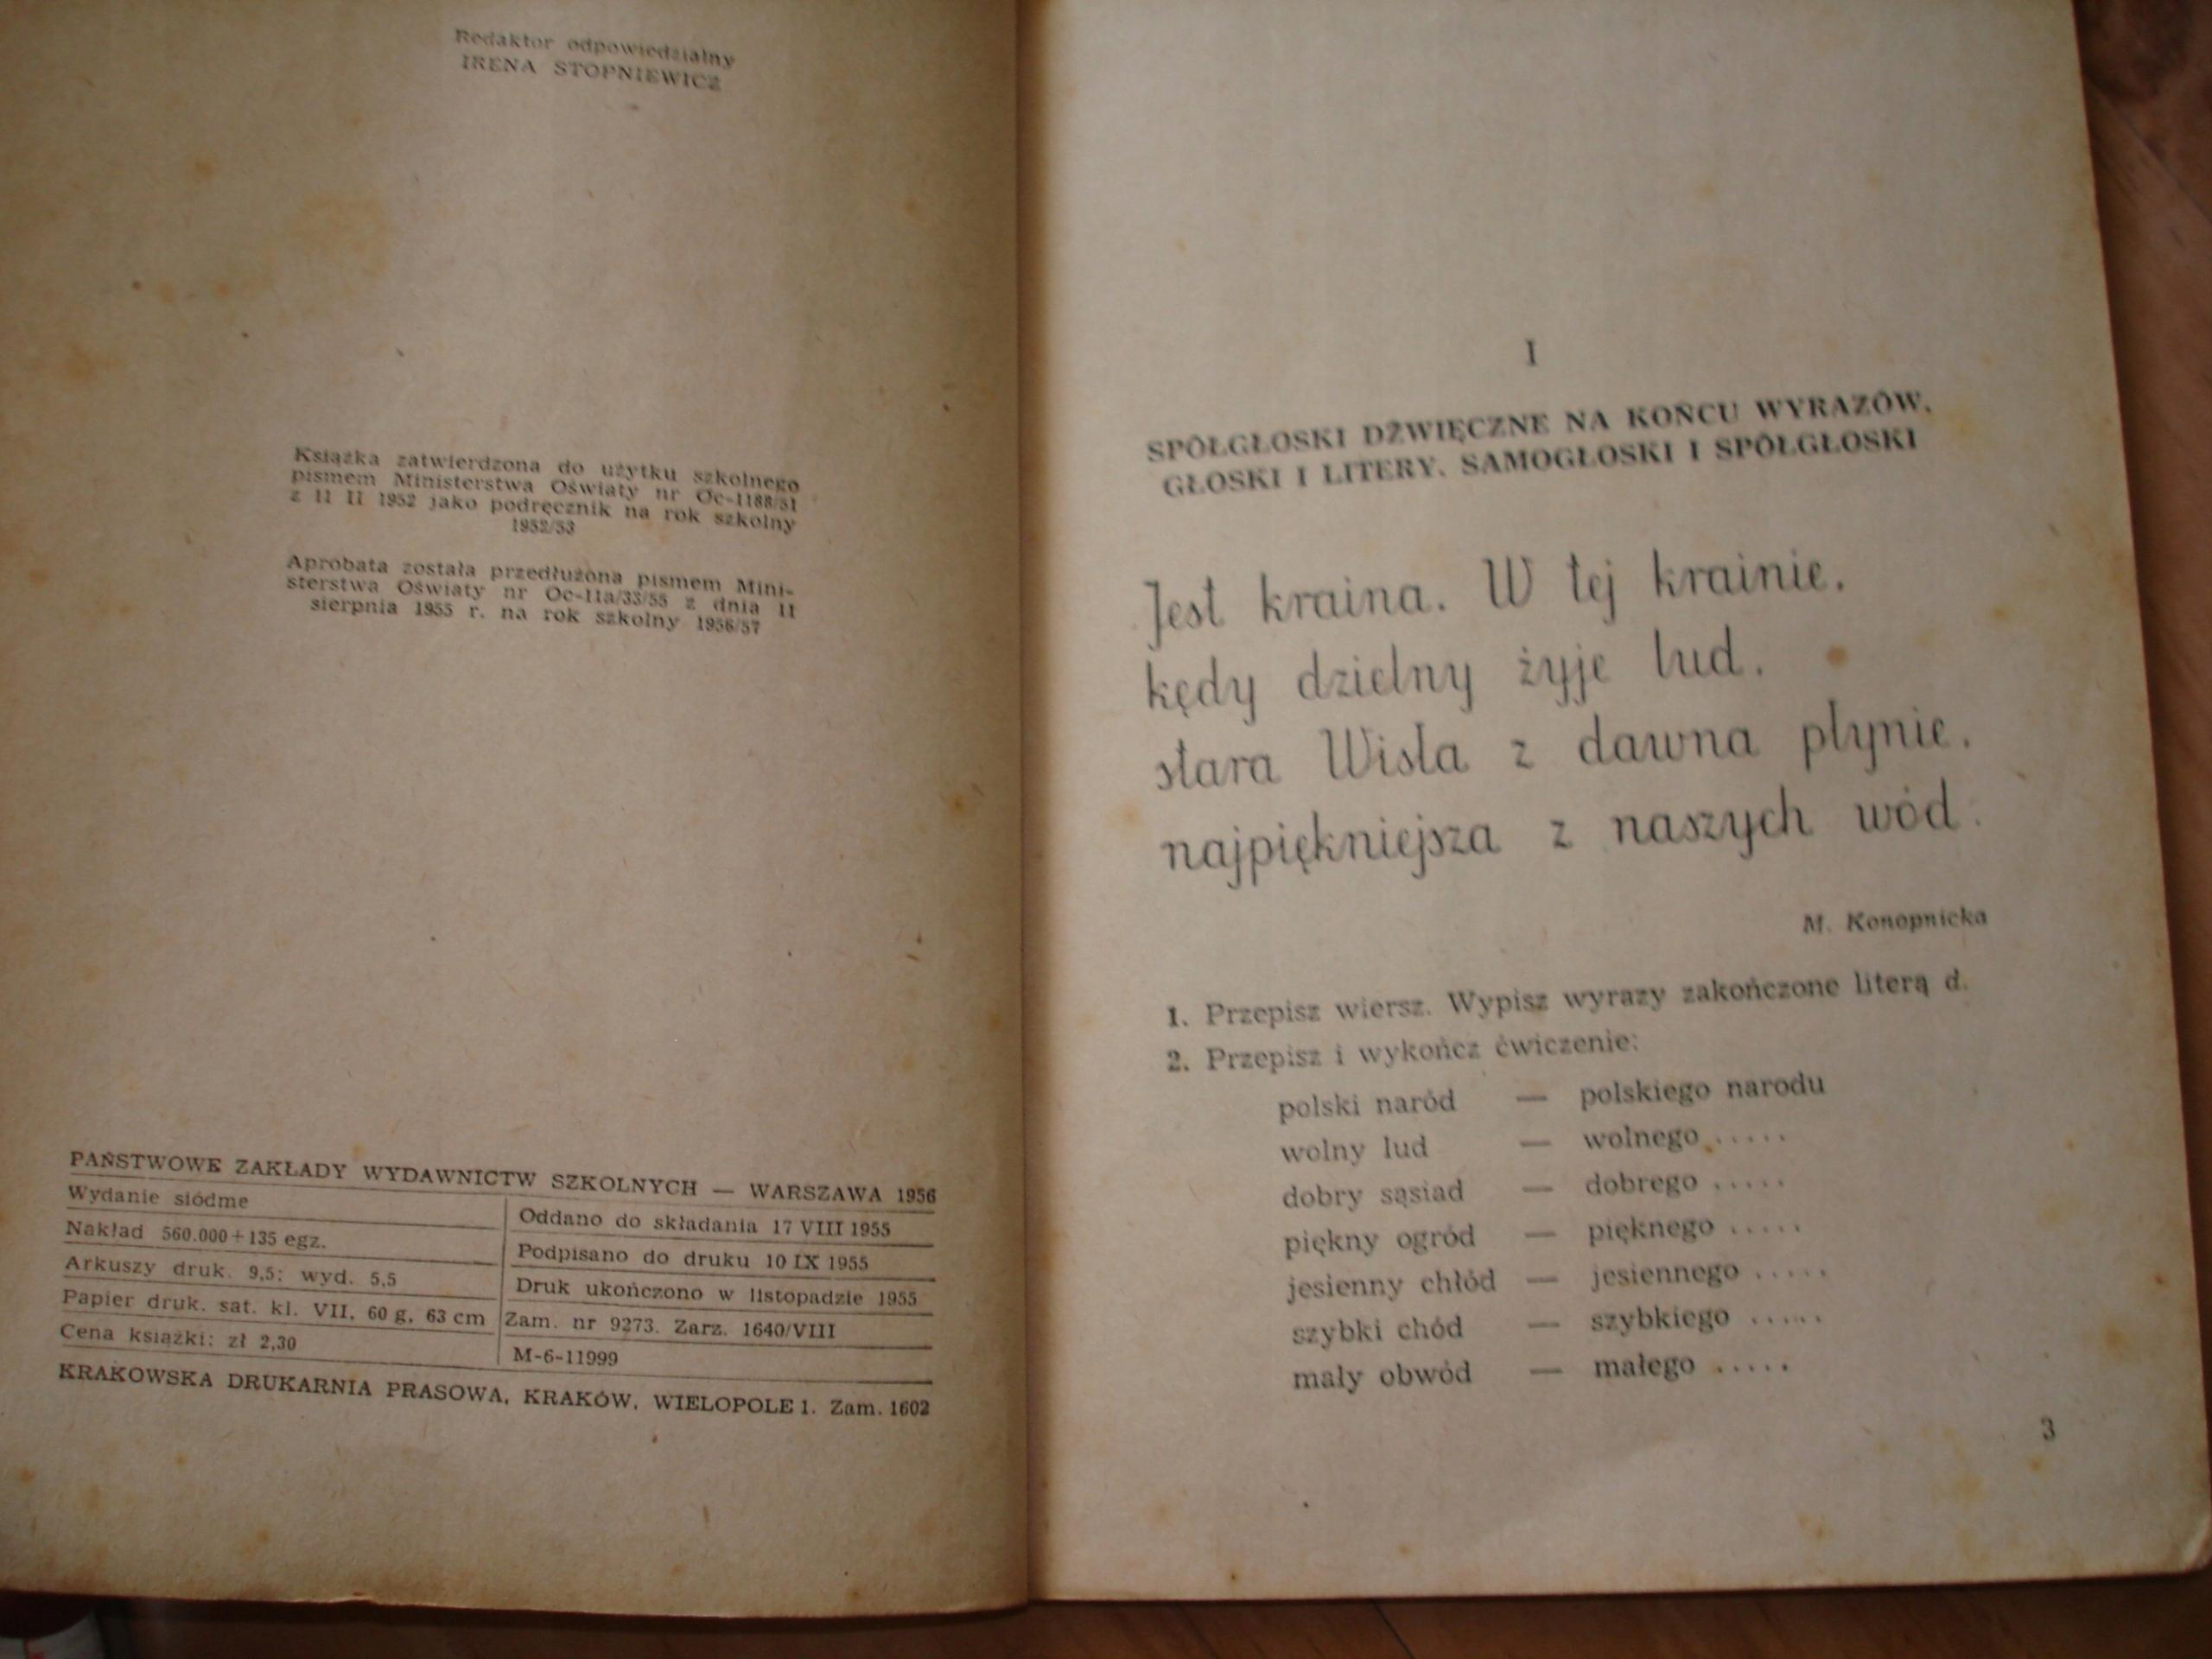 Mowa Polska Klasa Iii 1956 Wieczorkiewicz 7551452815